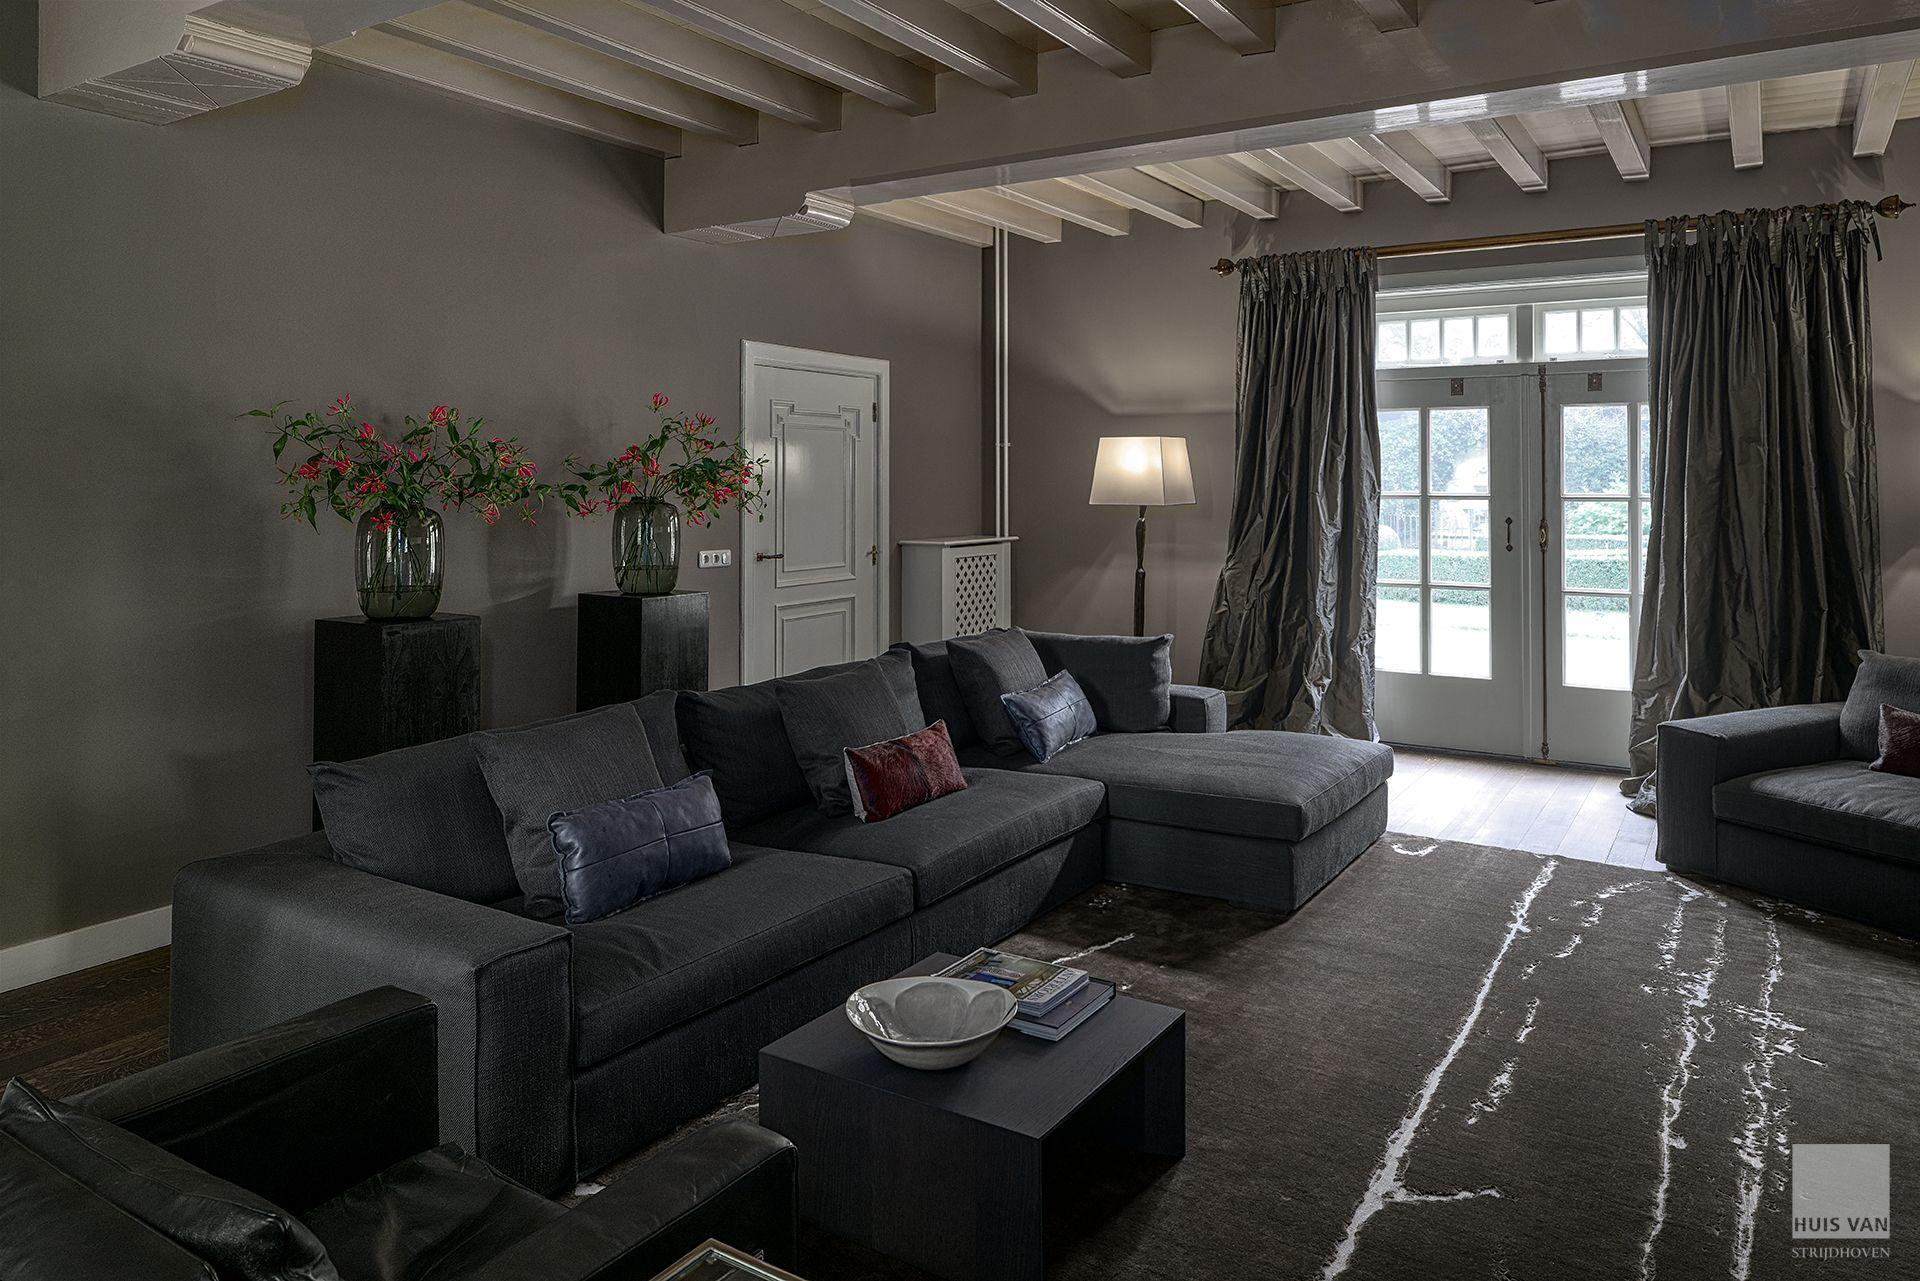 Luxury interiors Villa - Landhuis Interieur particulier landhuis ...